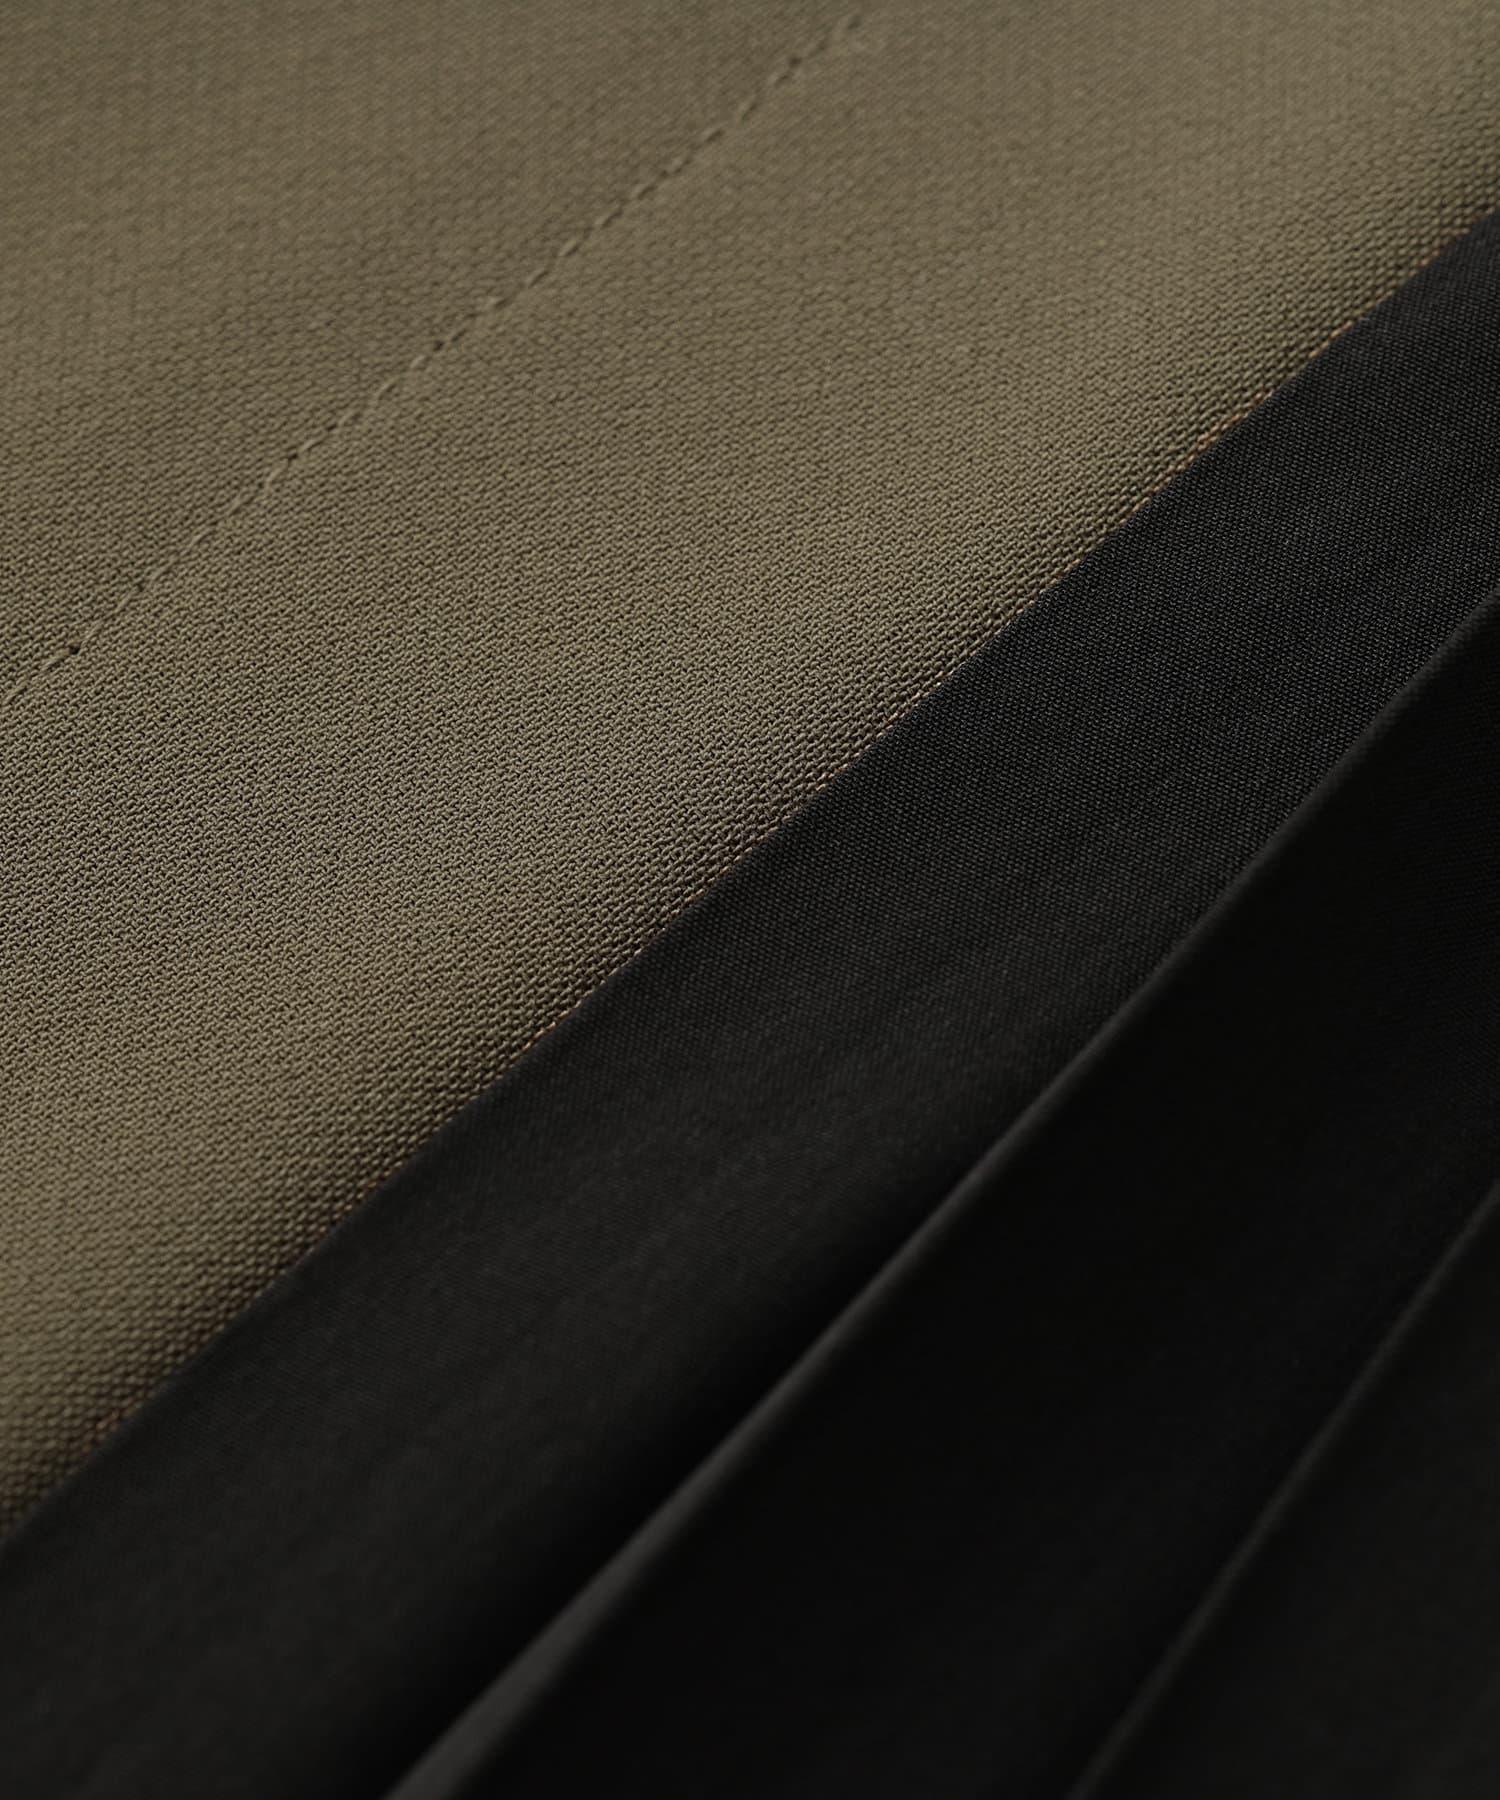 RIVE DROITE(リヴドロワ) 【スタイリングをモードに引き締める】サイドプリーツパンツ